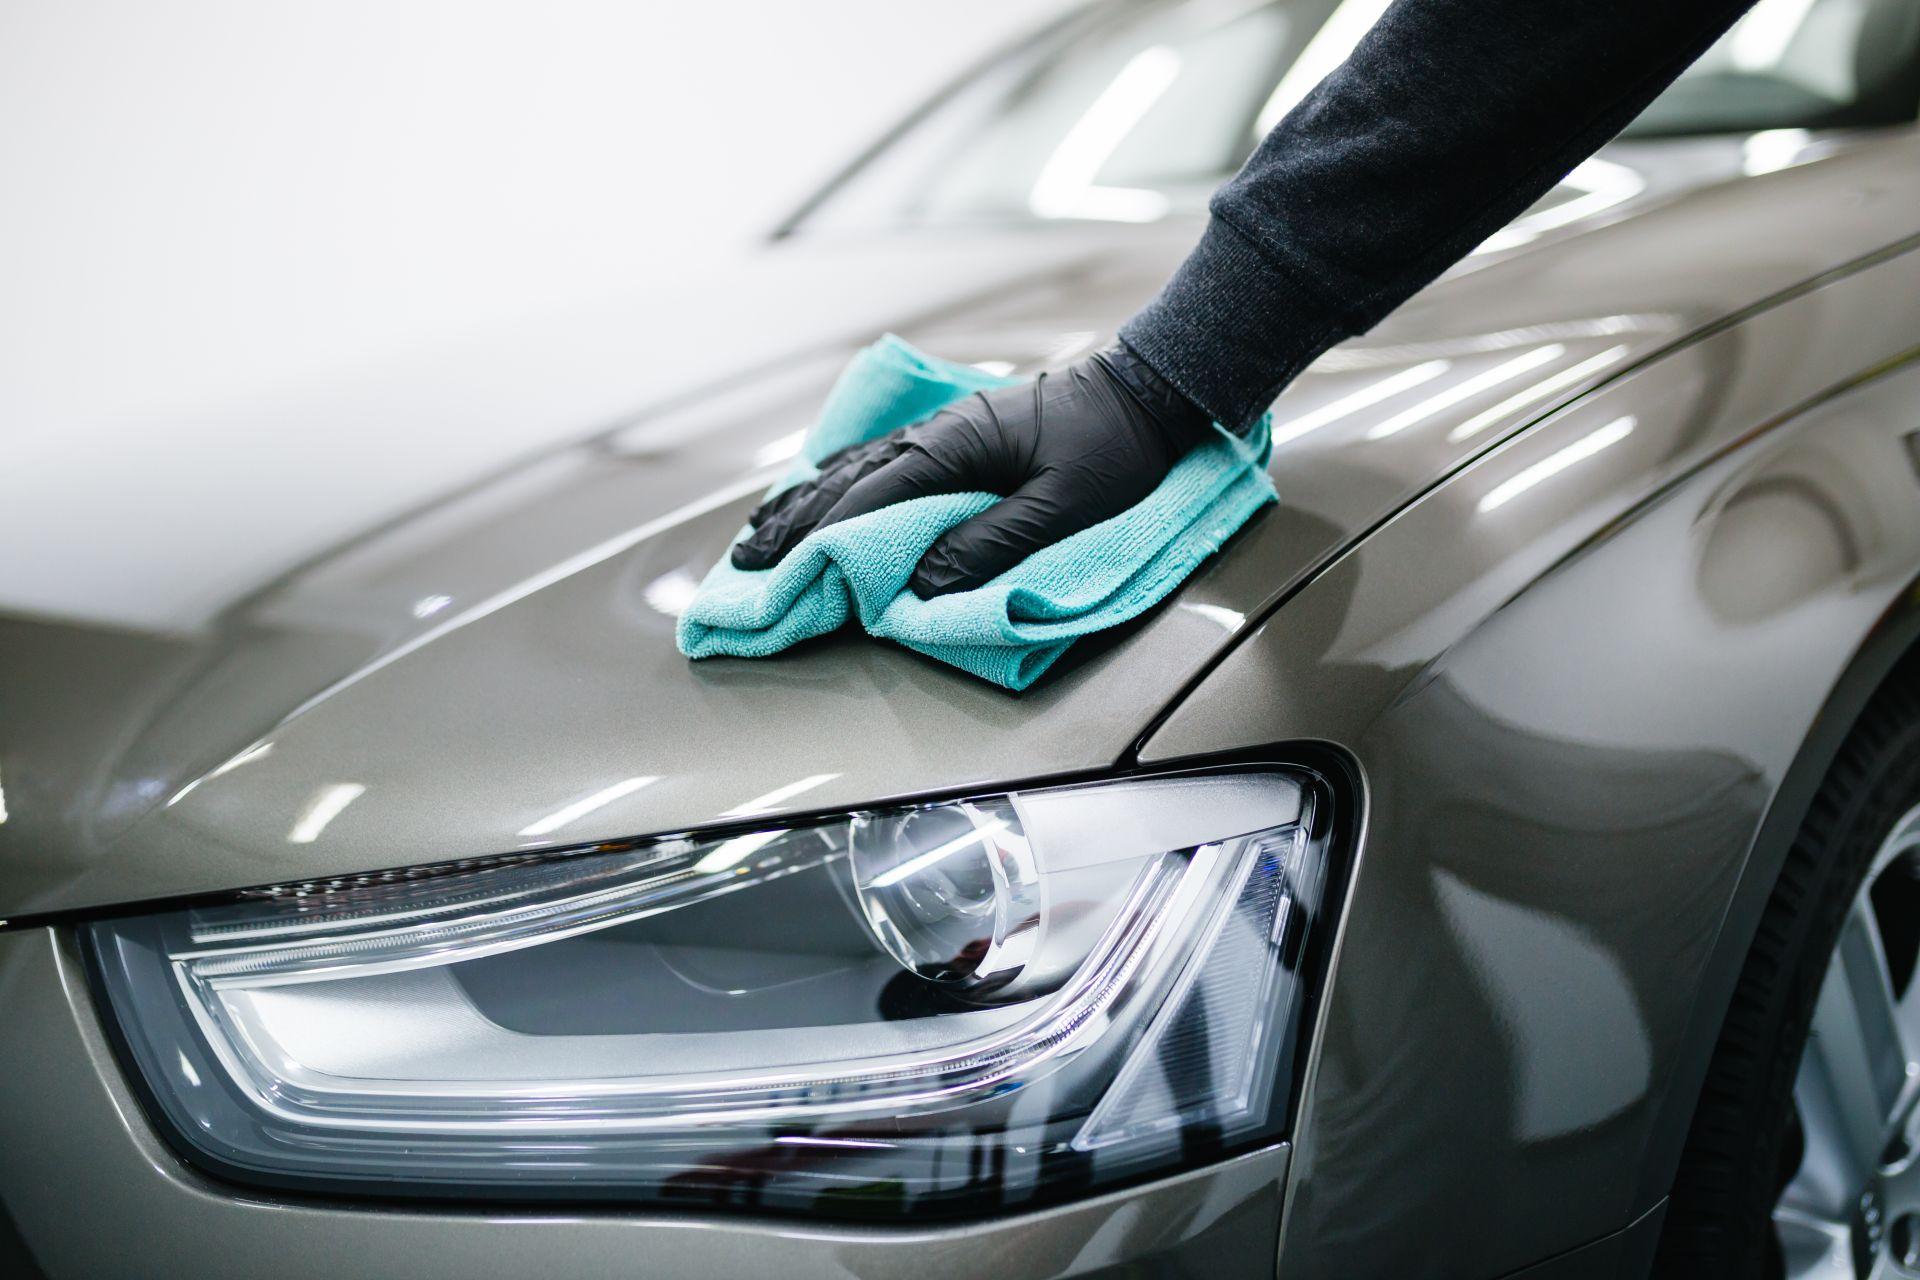 Fahrzeugpflege bei Pneu Schaller - Putzen - shutterstock_571427833